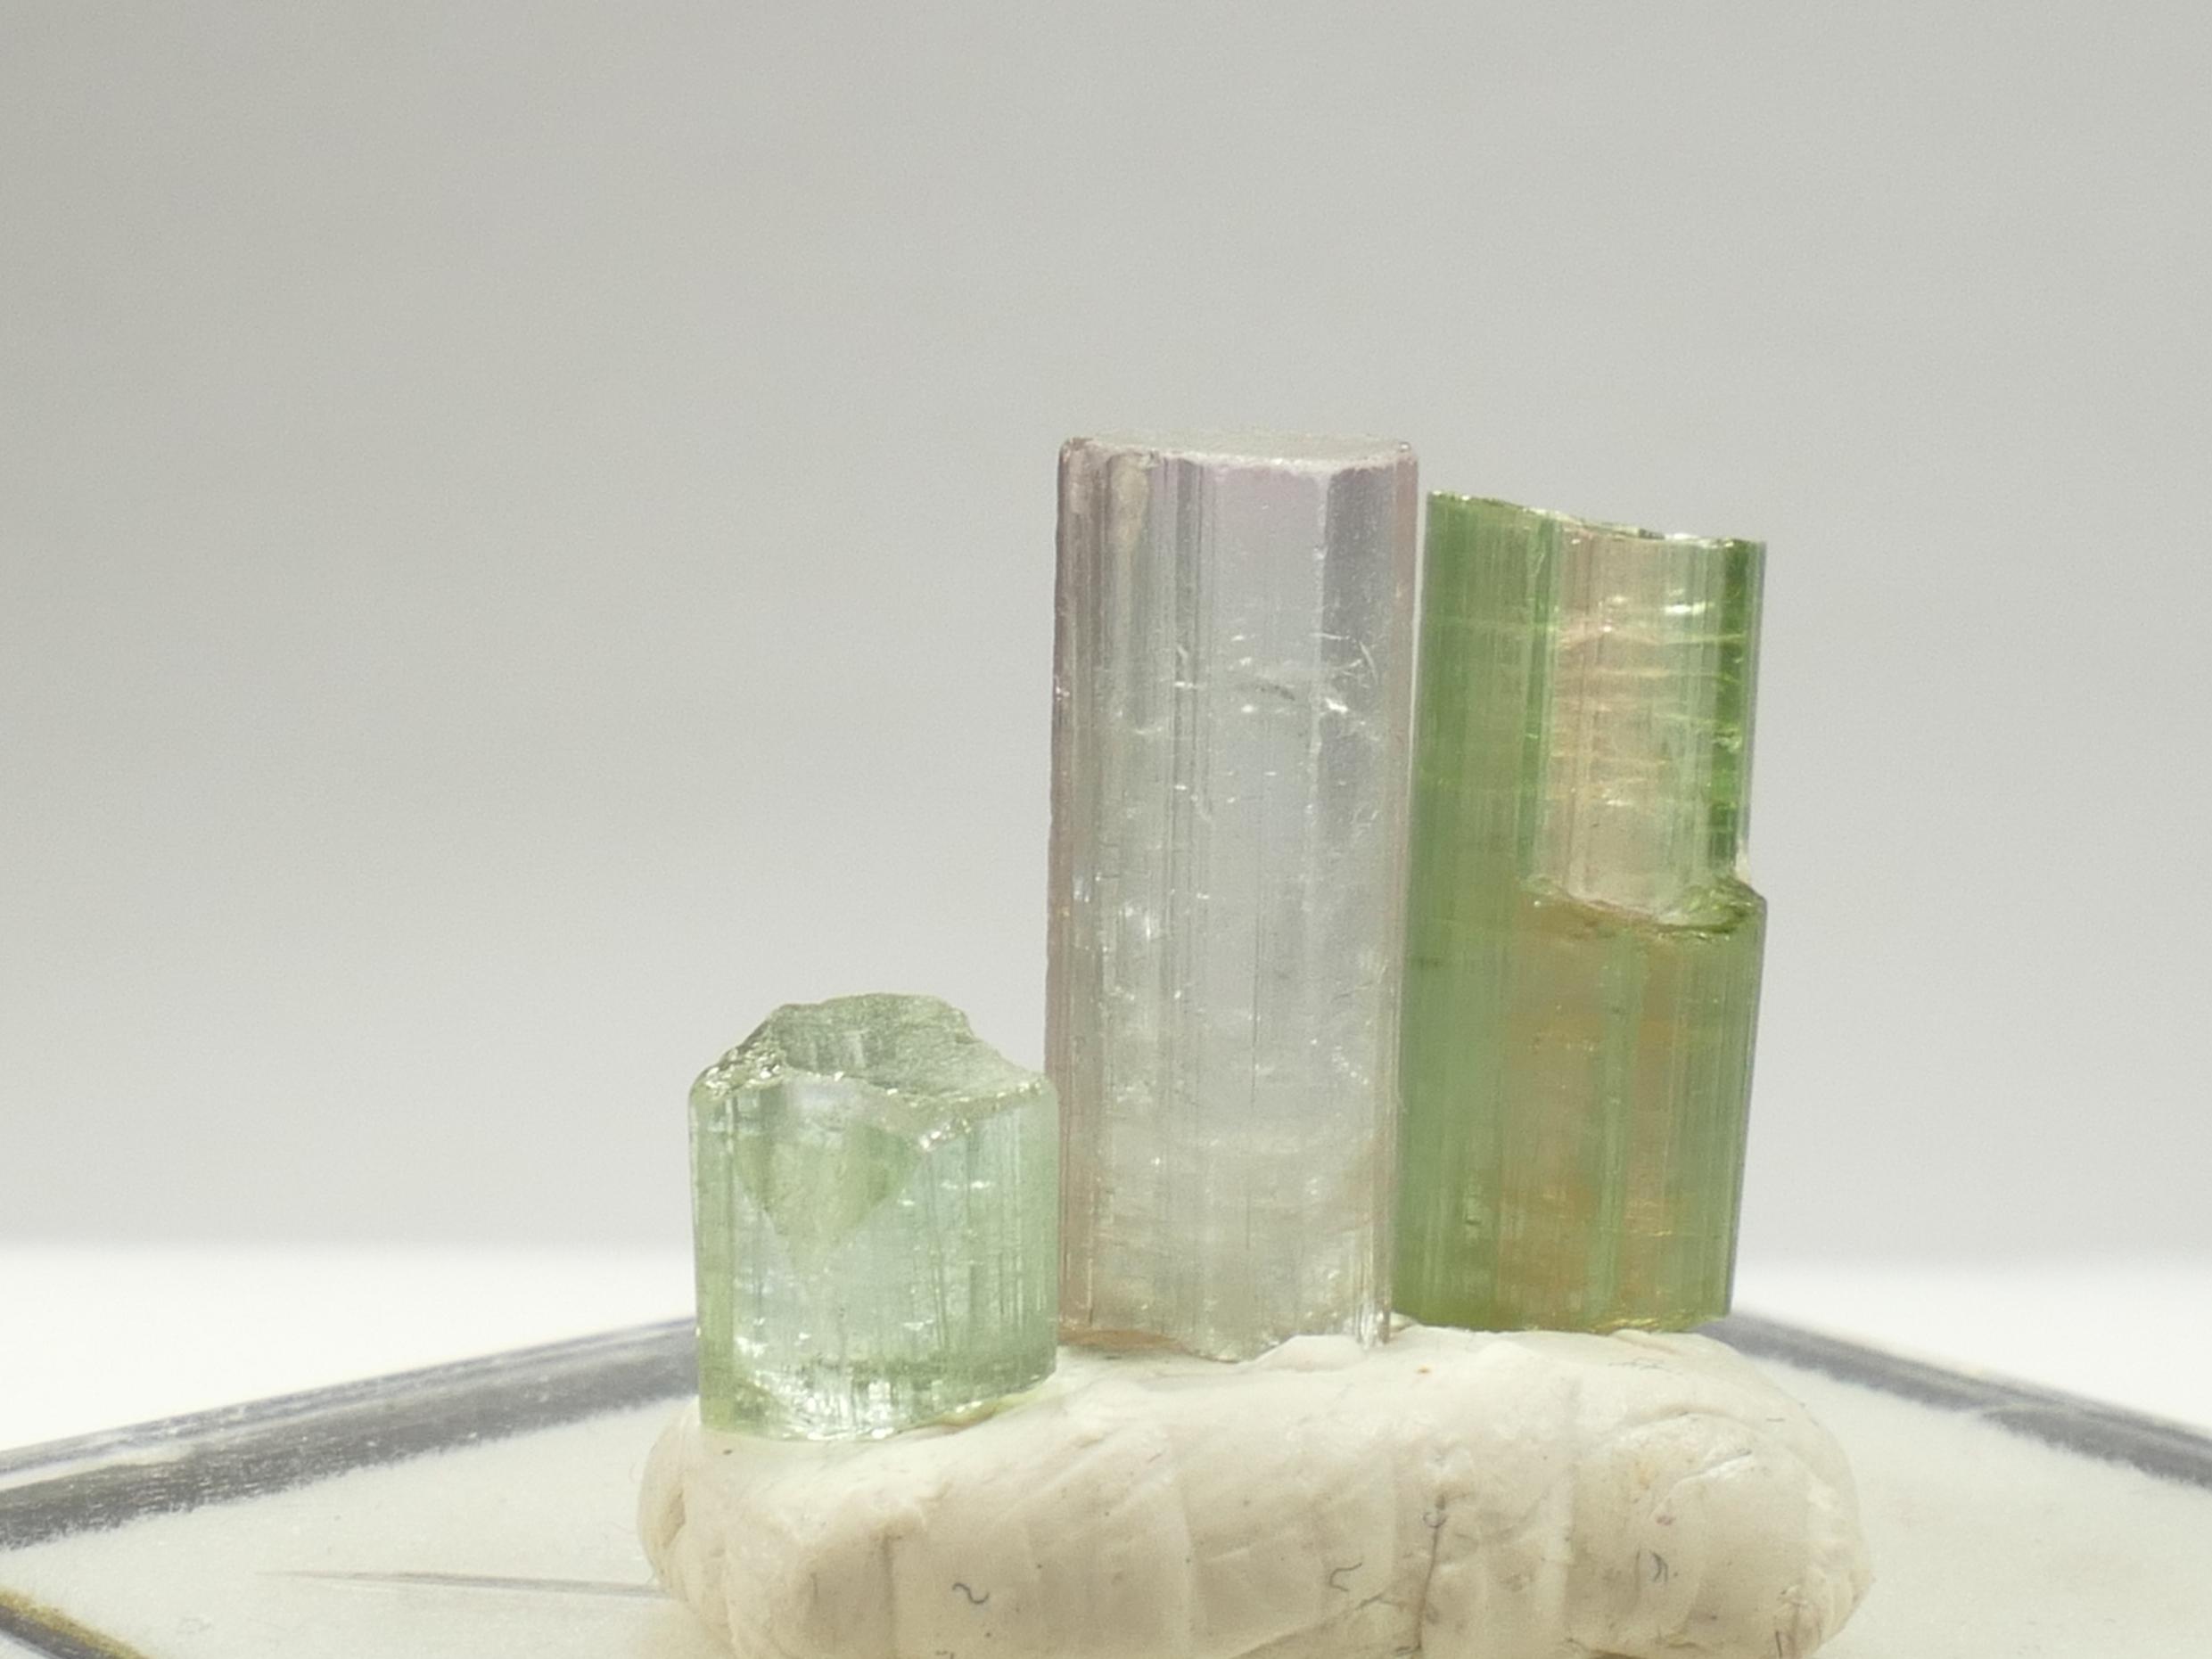 3 Spécimens de Tourmaline brute bicolore, vert rose de forme naturelle, 2 cristaux terminés 2.39g Afghanistan (#PB765)